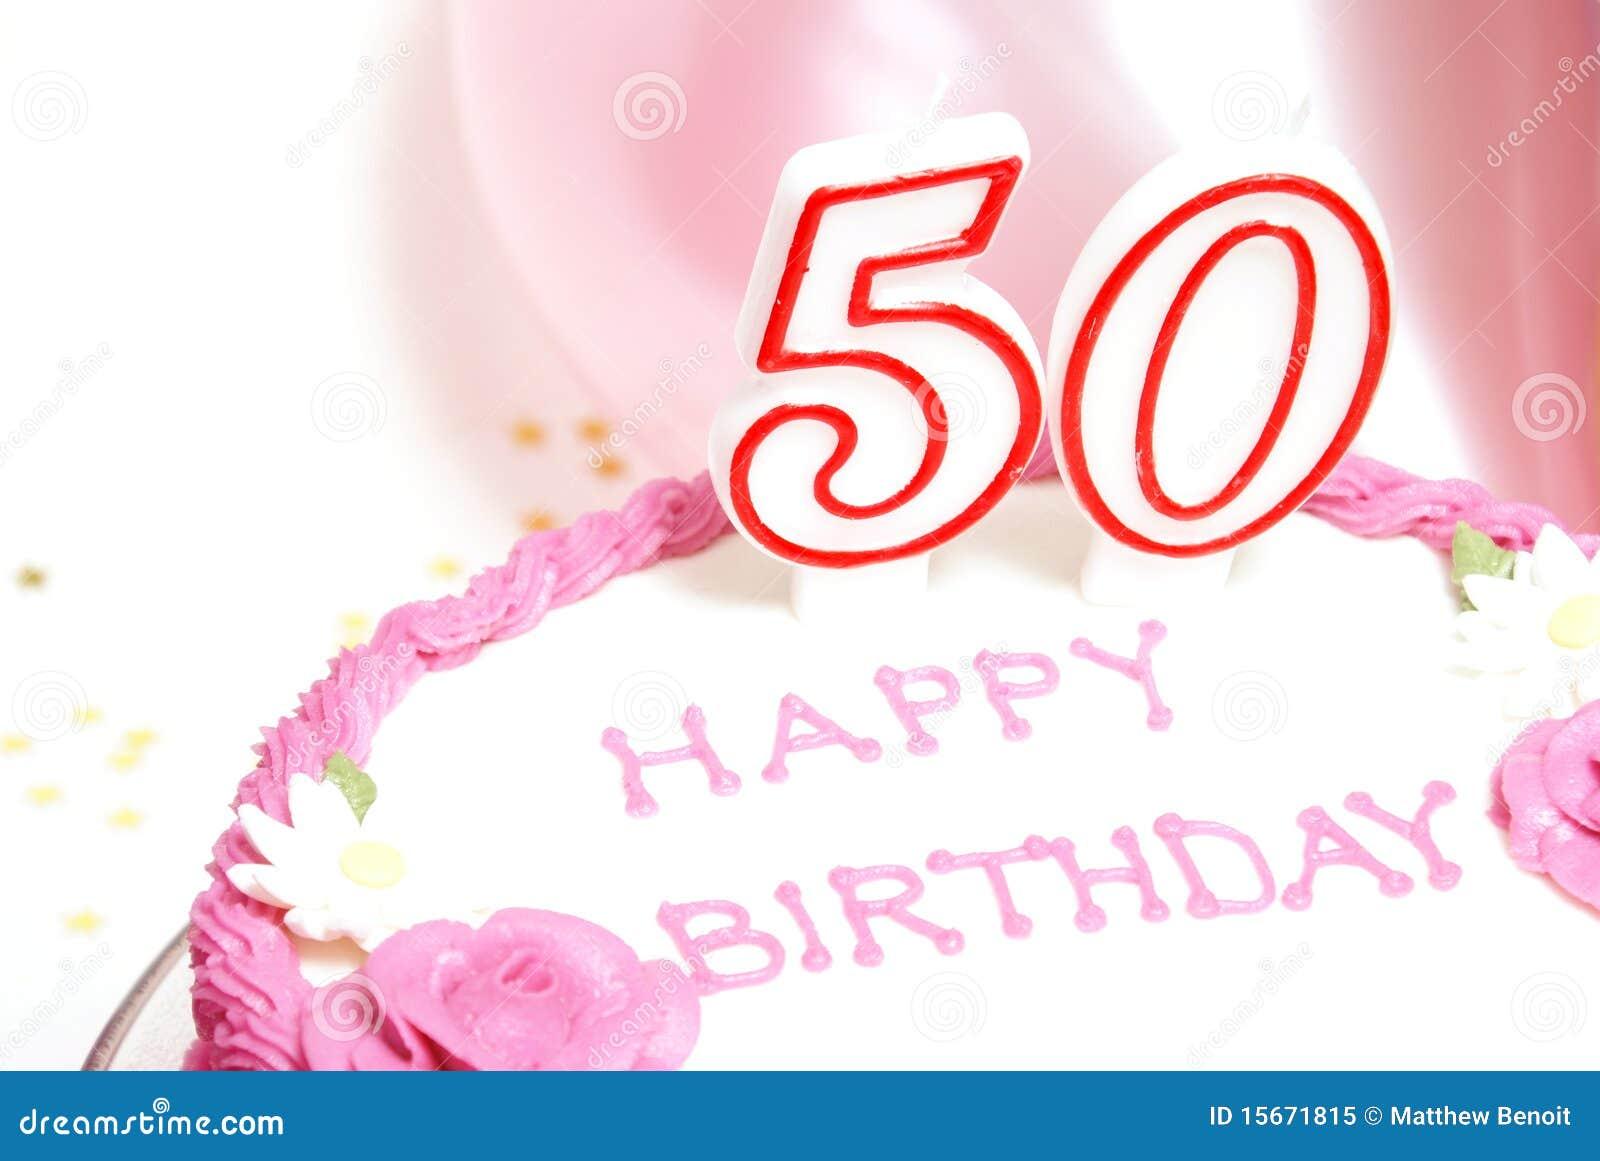 Поздравления свекрови с юбилеем 50 лет